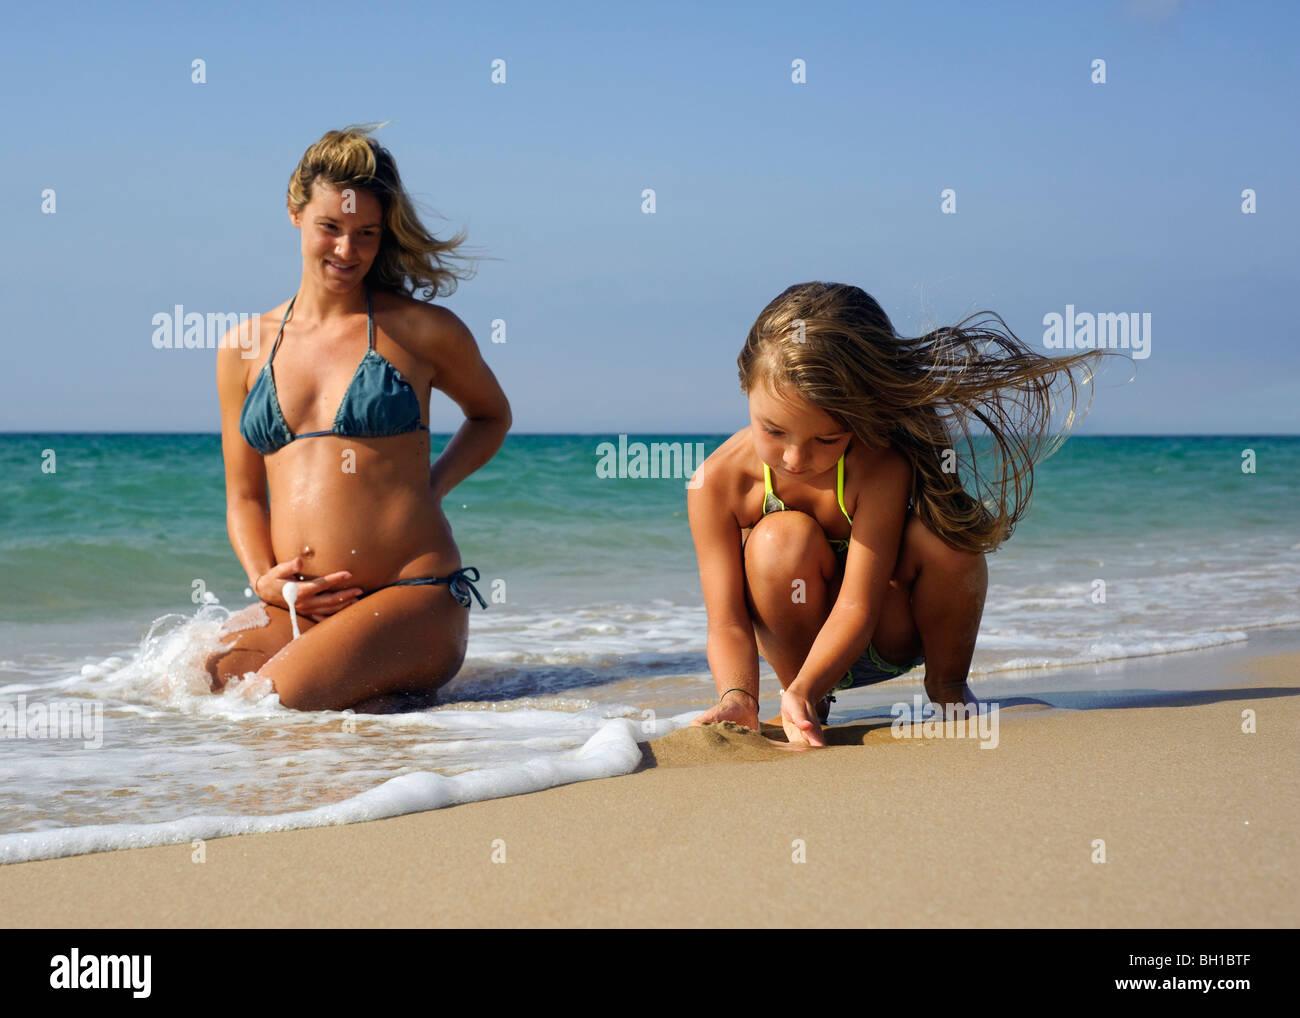 Mutter und Tochter am Strand Stockbild